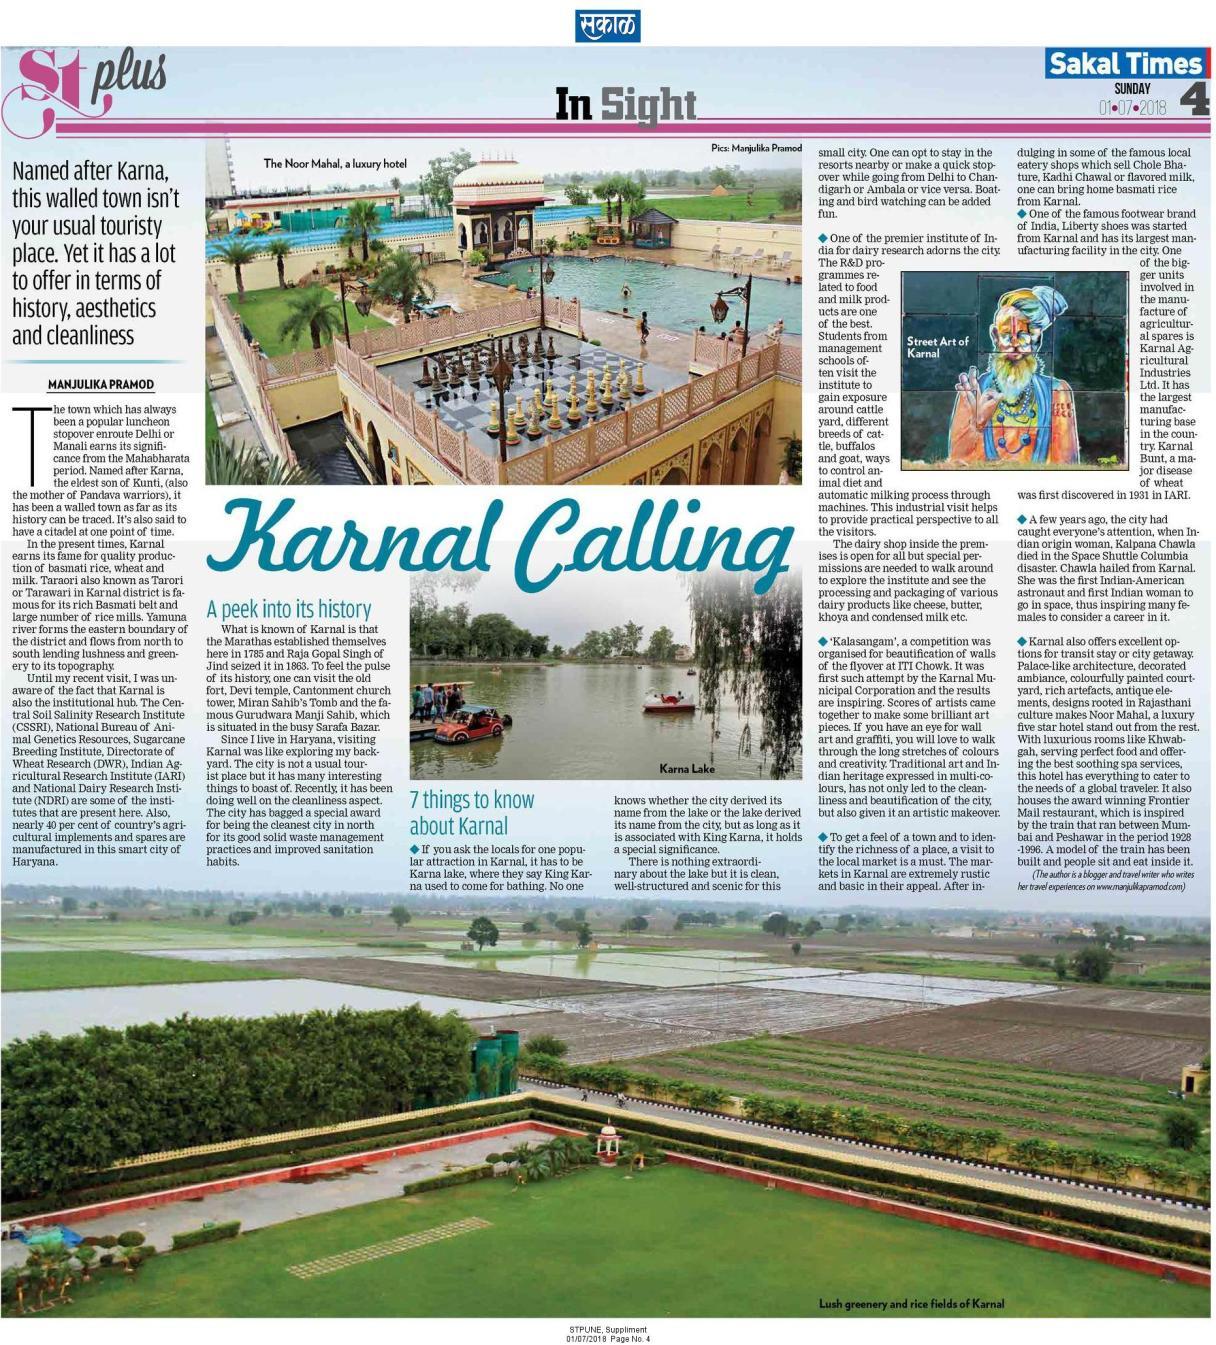 Karnal, Sakal Times, July, Noor Mahal